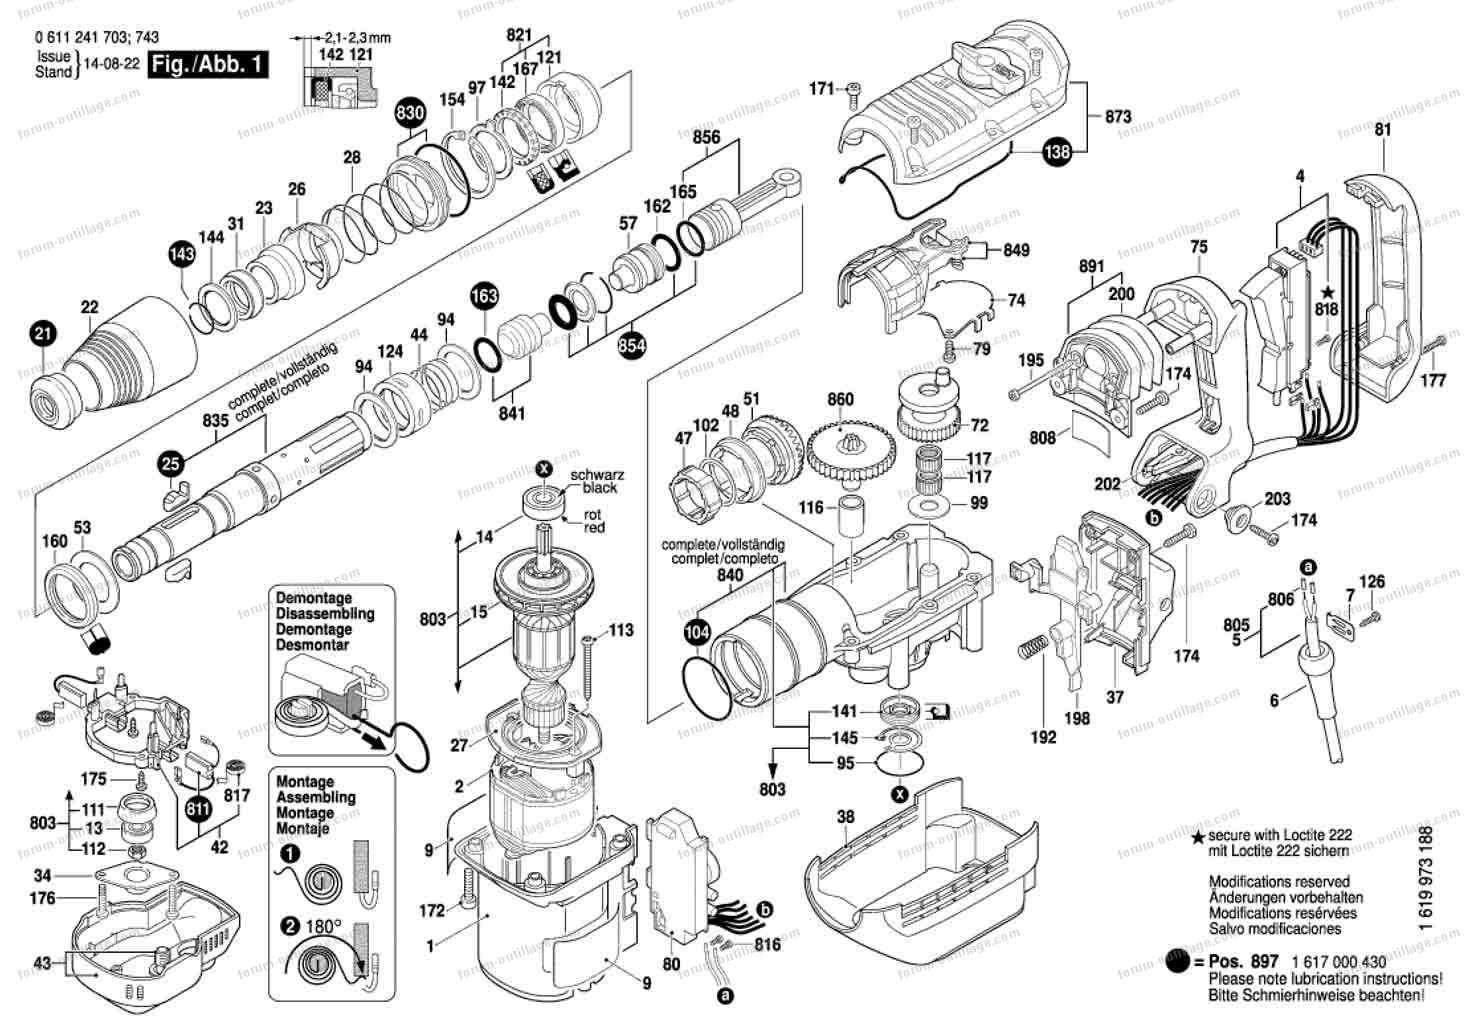 vue éclaté perforateur Bosch GBH 5-40 DE